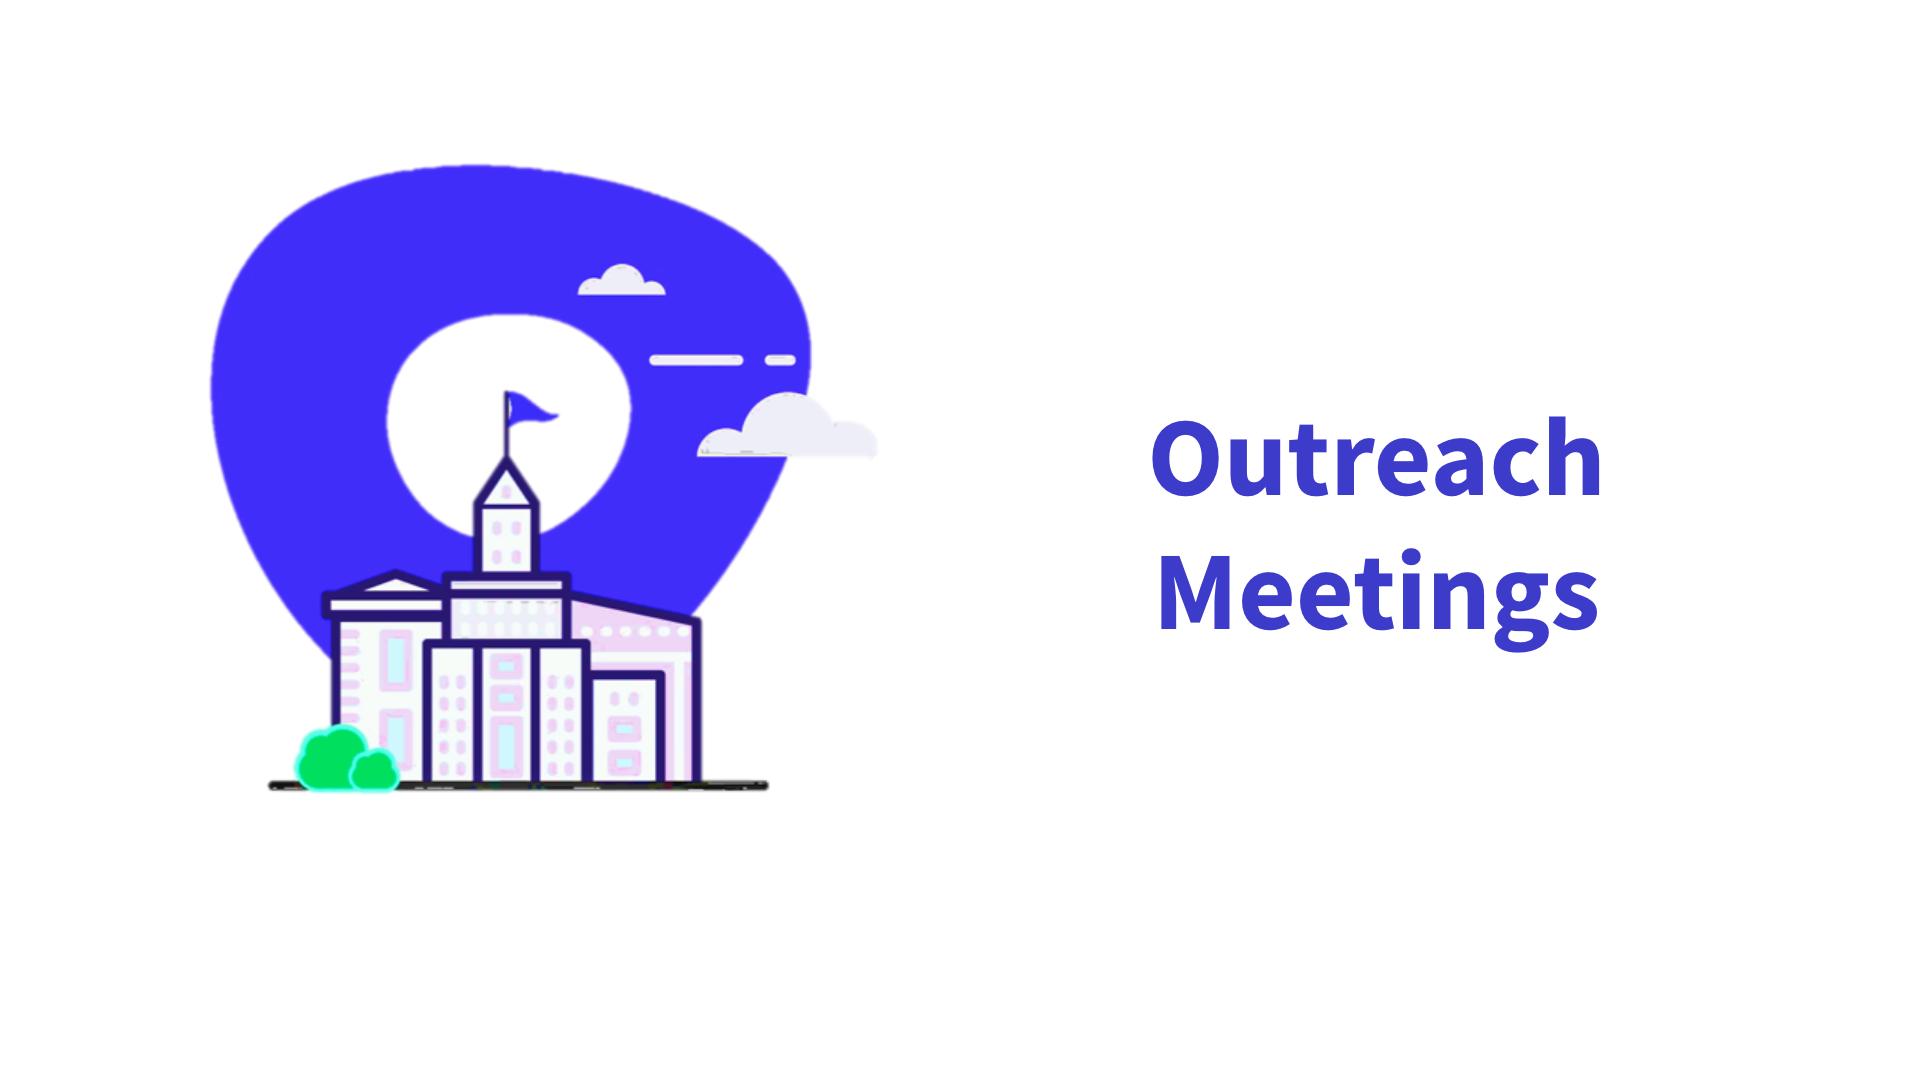 Outreach Meetings